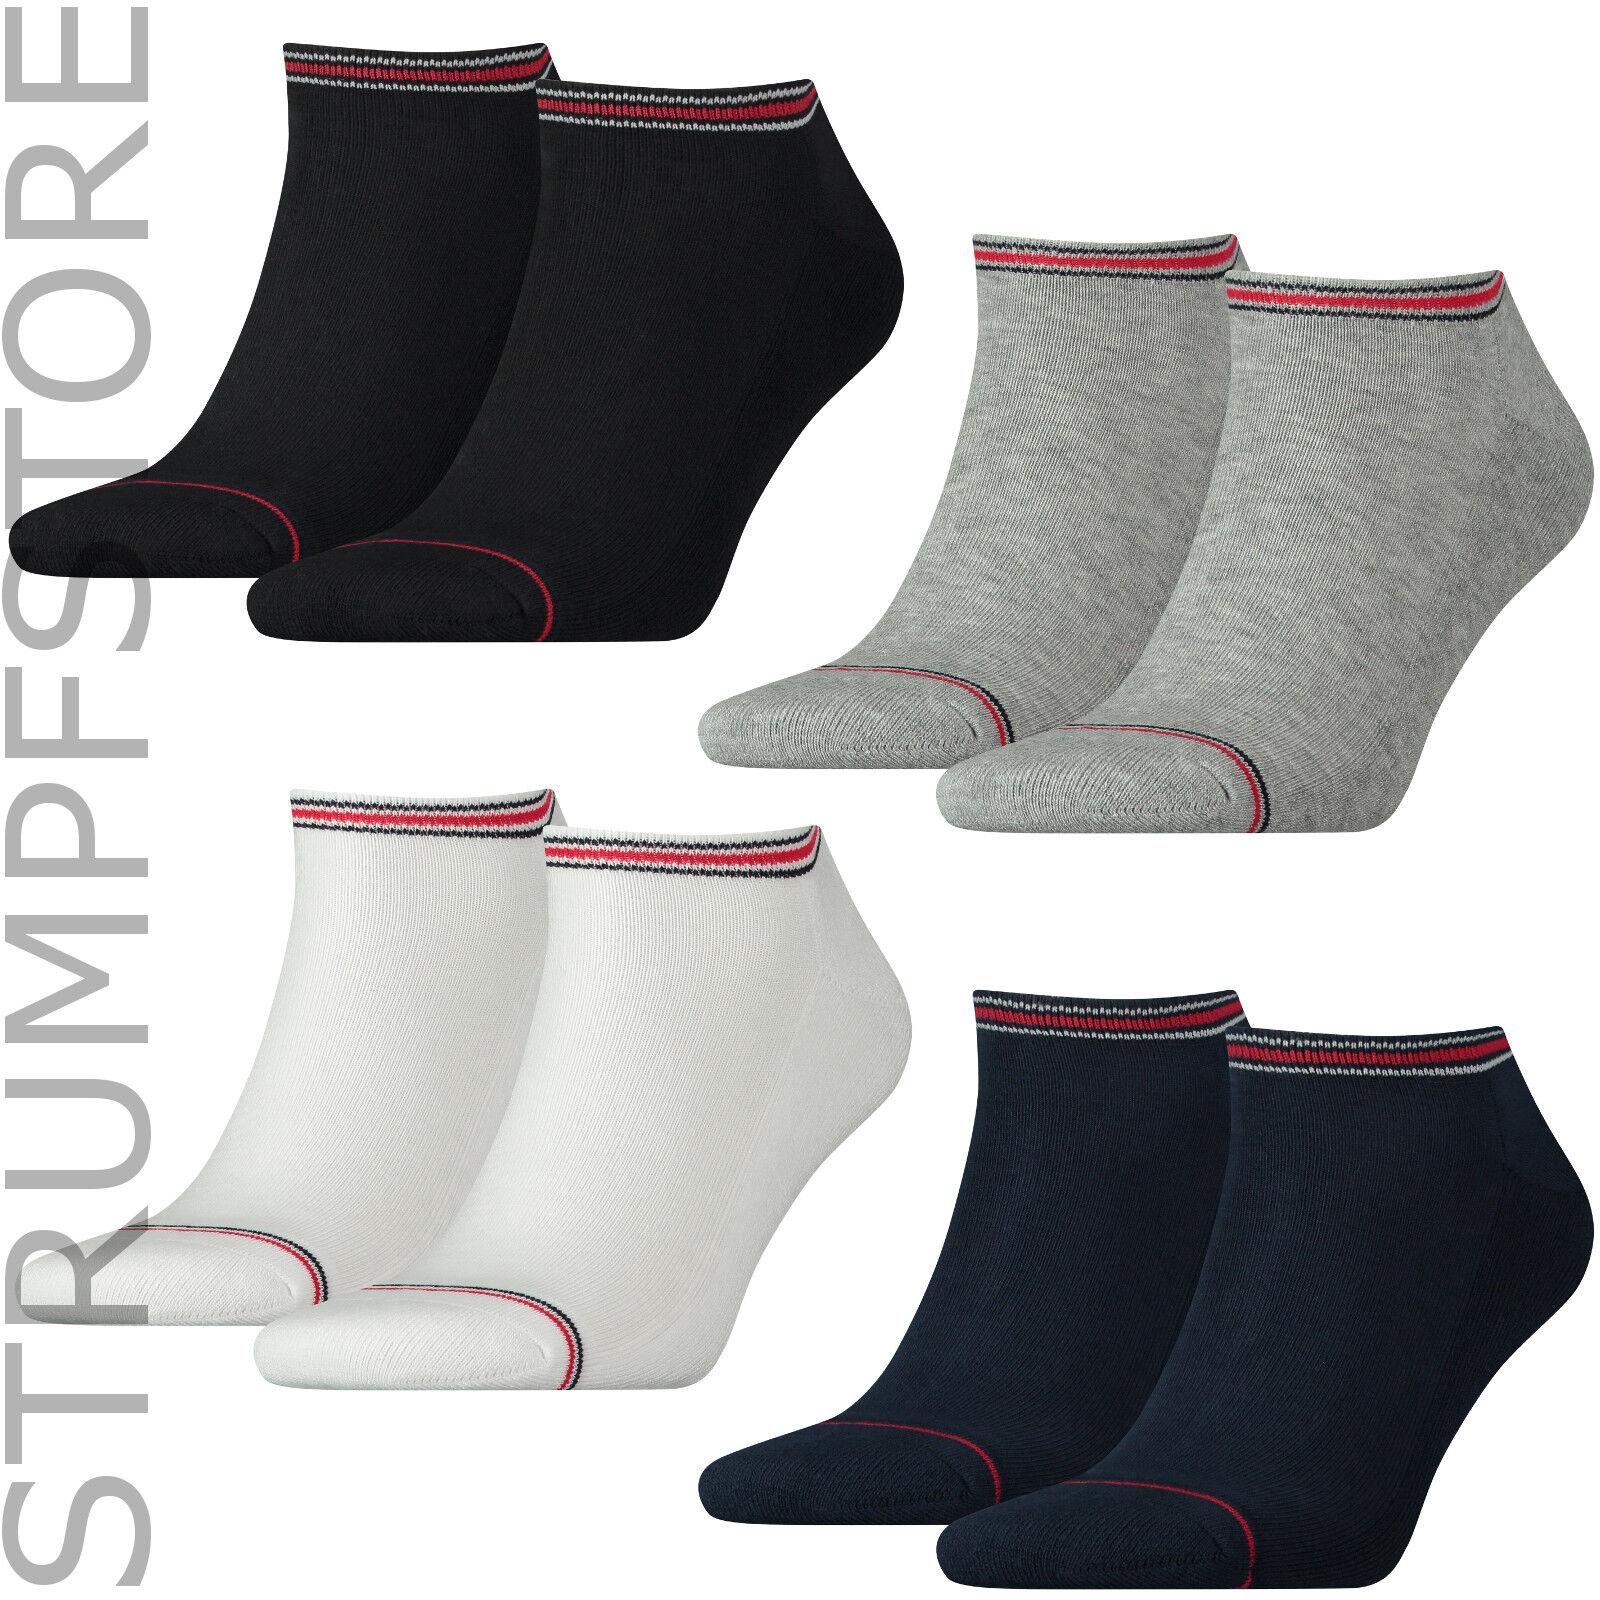 Tommy Hilfiger Sneaker Socken MEN Frotteesohle Plüschsohle 2Paar 372022001